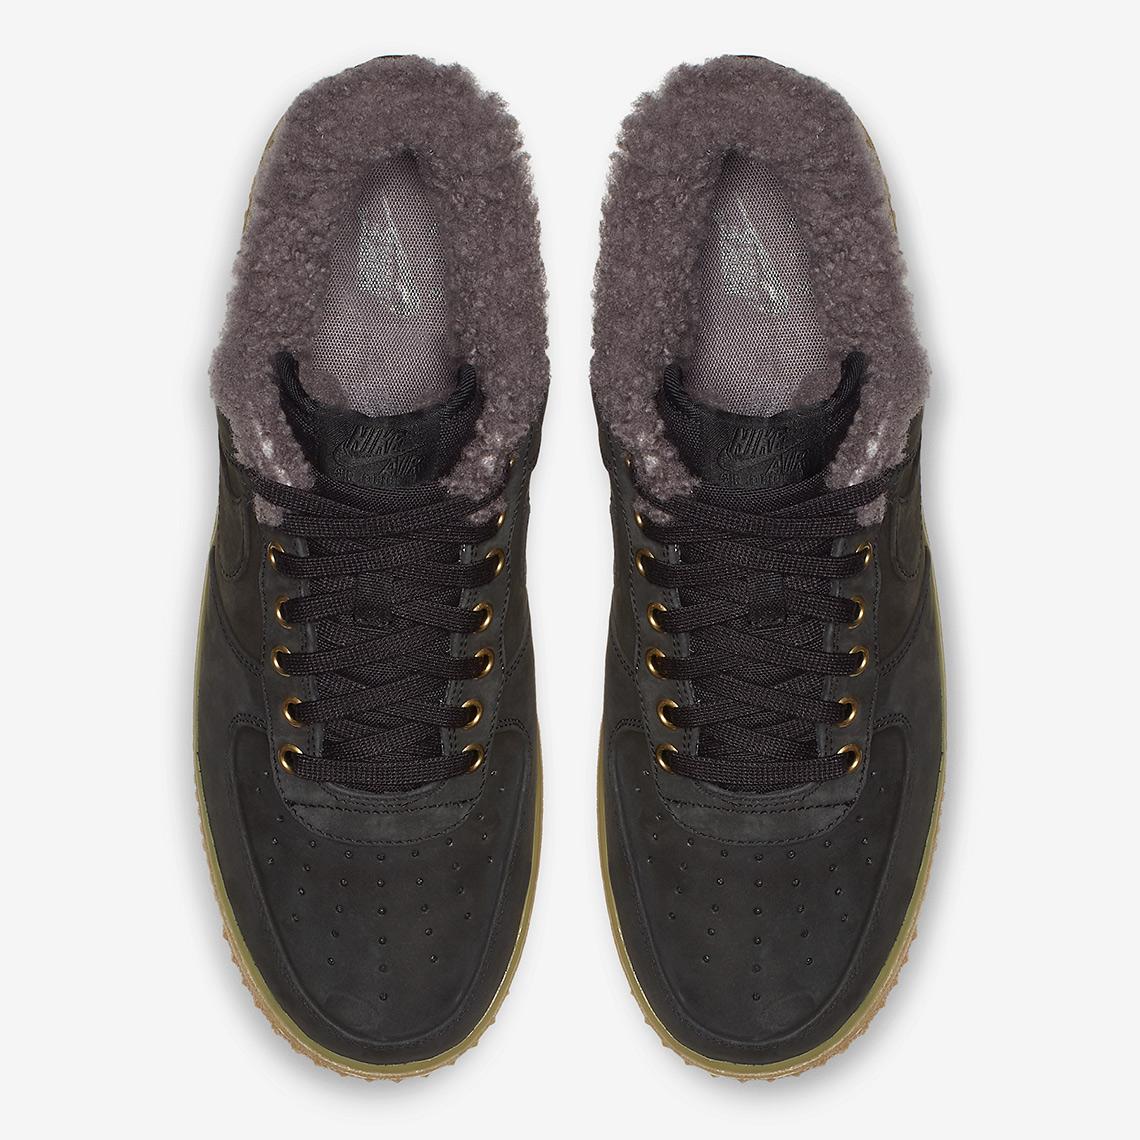 1 Air Force Sherpa Bv0131 001 Nike PXiukOZ